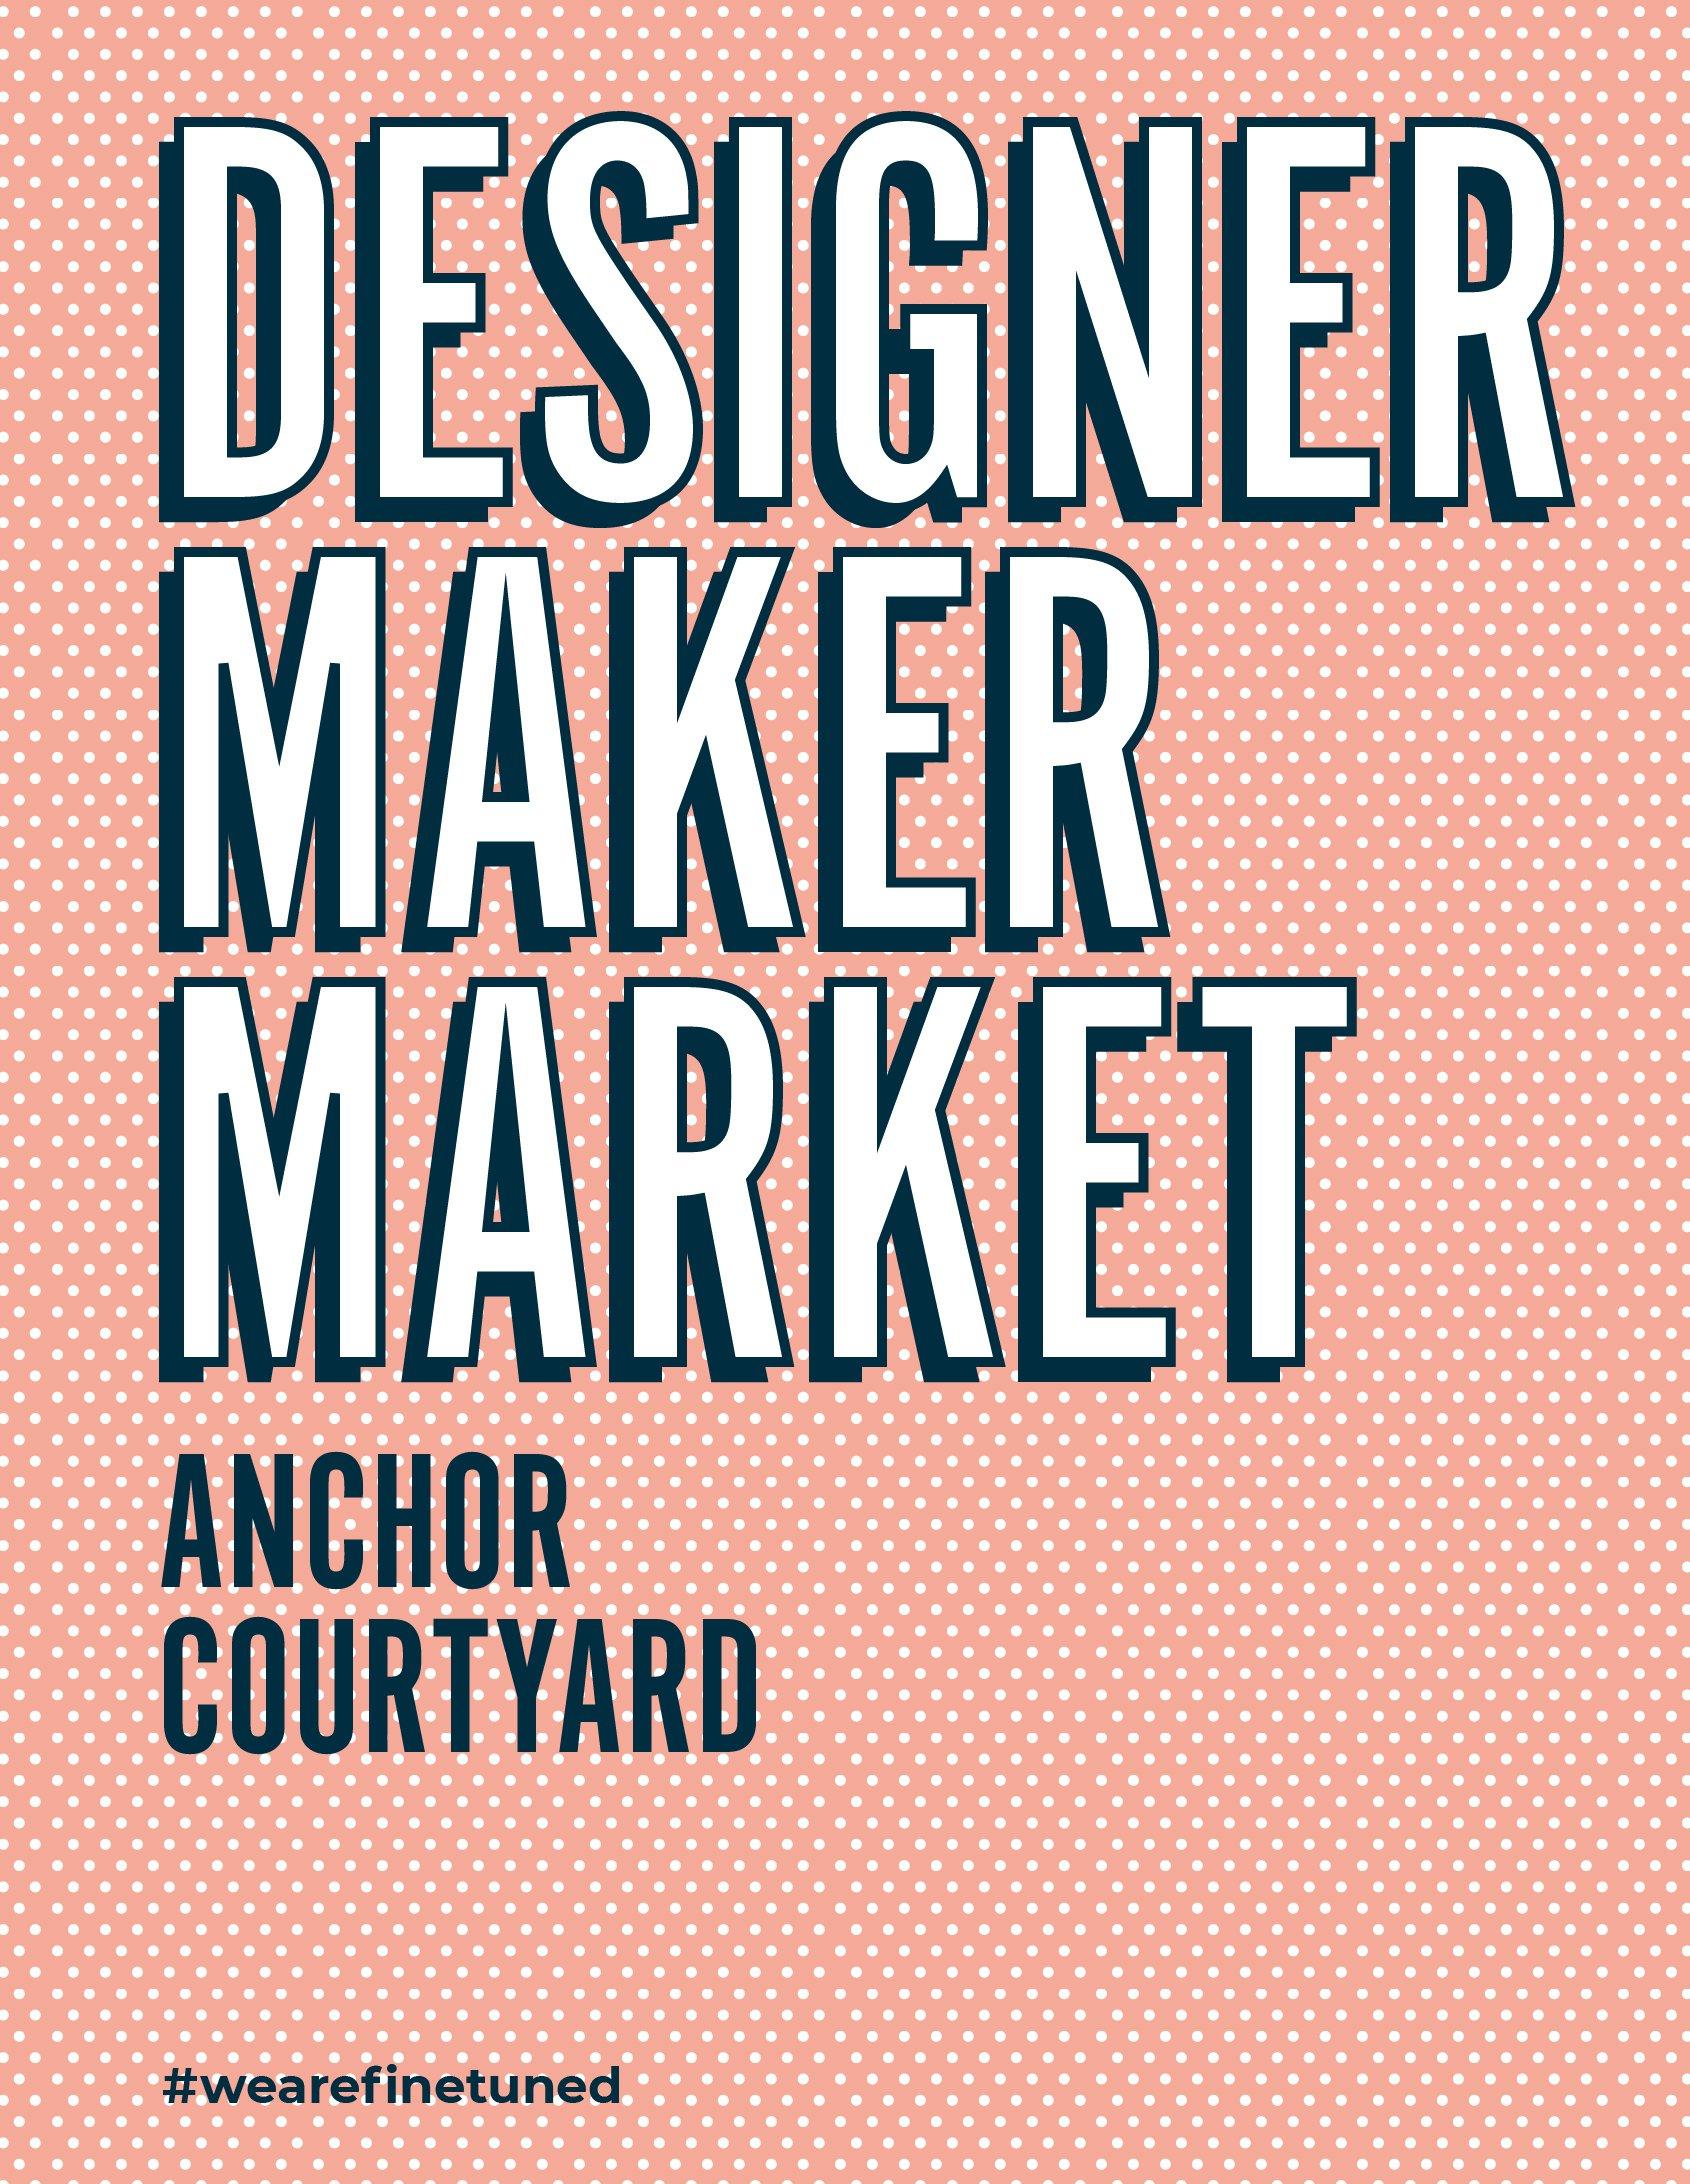 designer maker